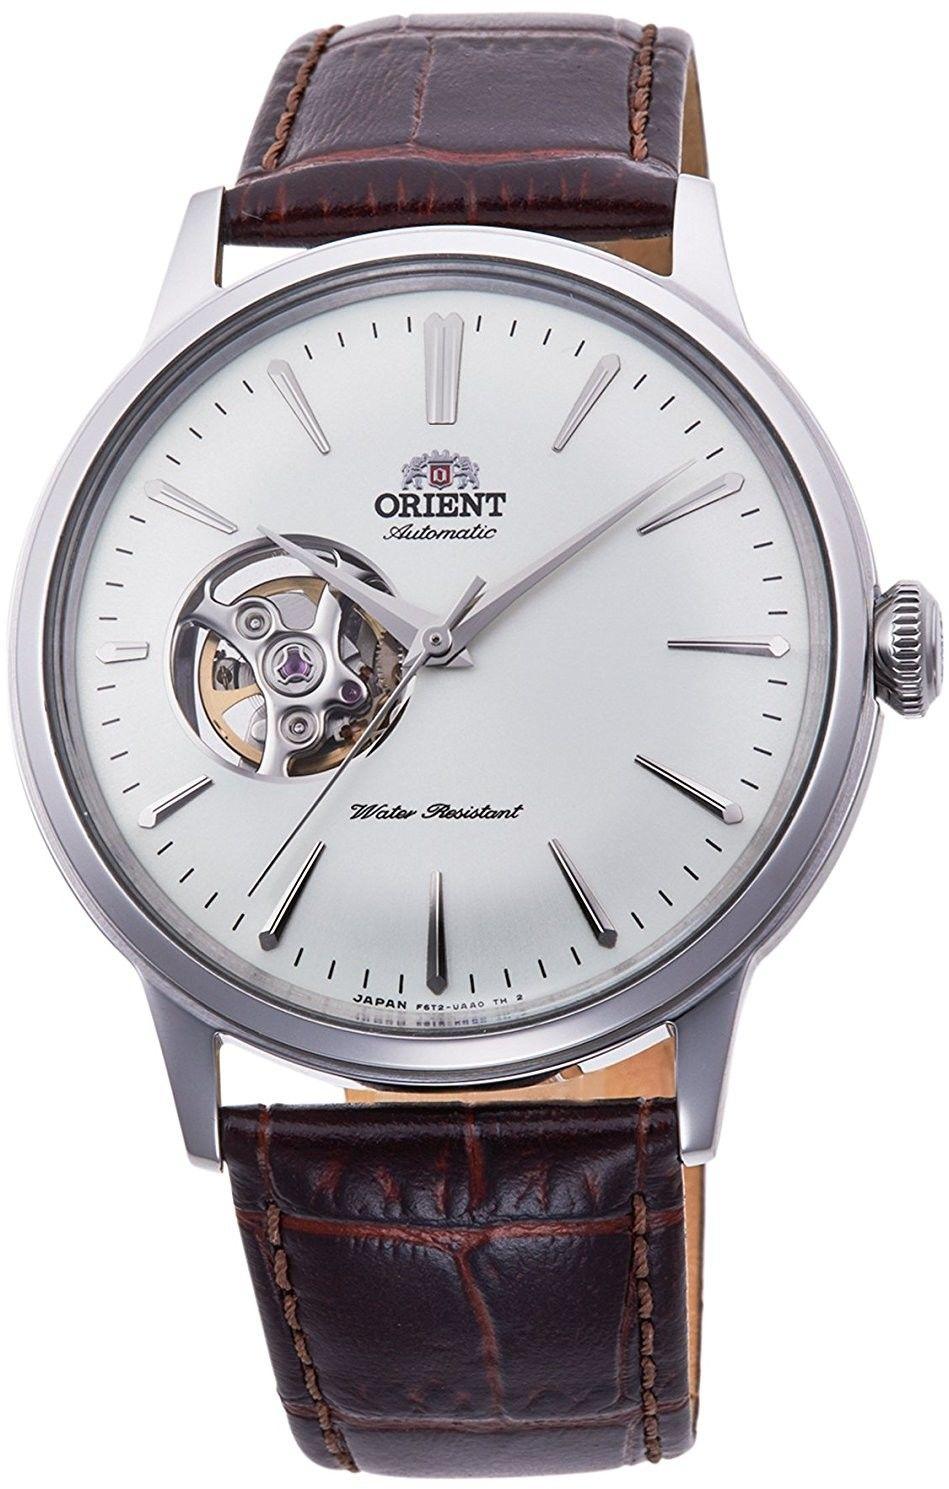 Zegarek Orient RA-AG0002S10B - CENA DO NEGOCJACJI - DOSTAWA DHL GRATIS, KUPUJ BEZ RYZYKA - 100 dni na zwrot, możliwość wygrawerowania dowolnego tekstu.